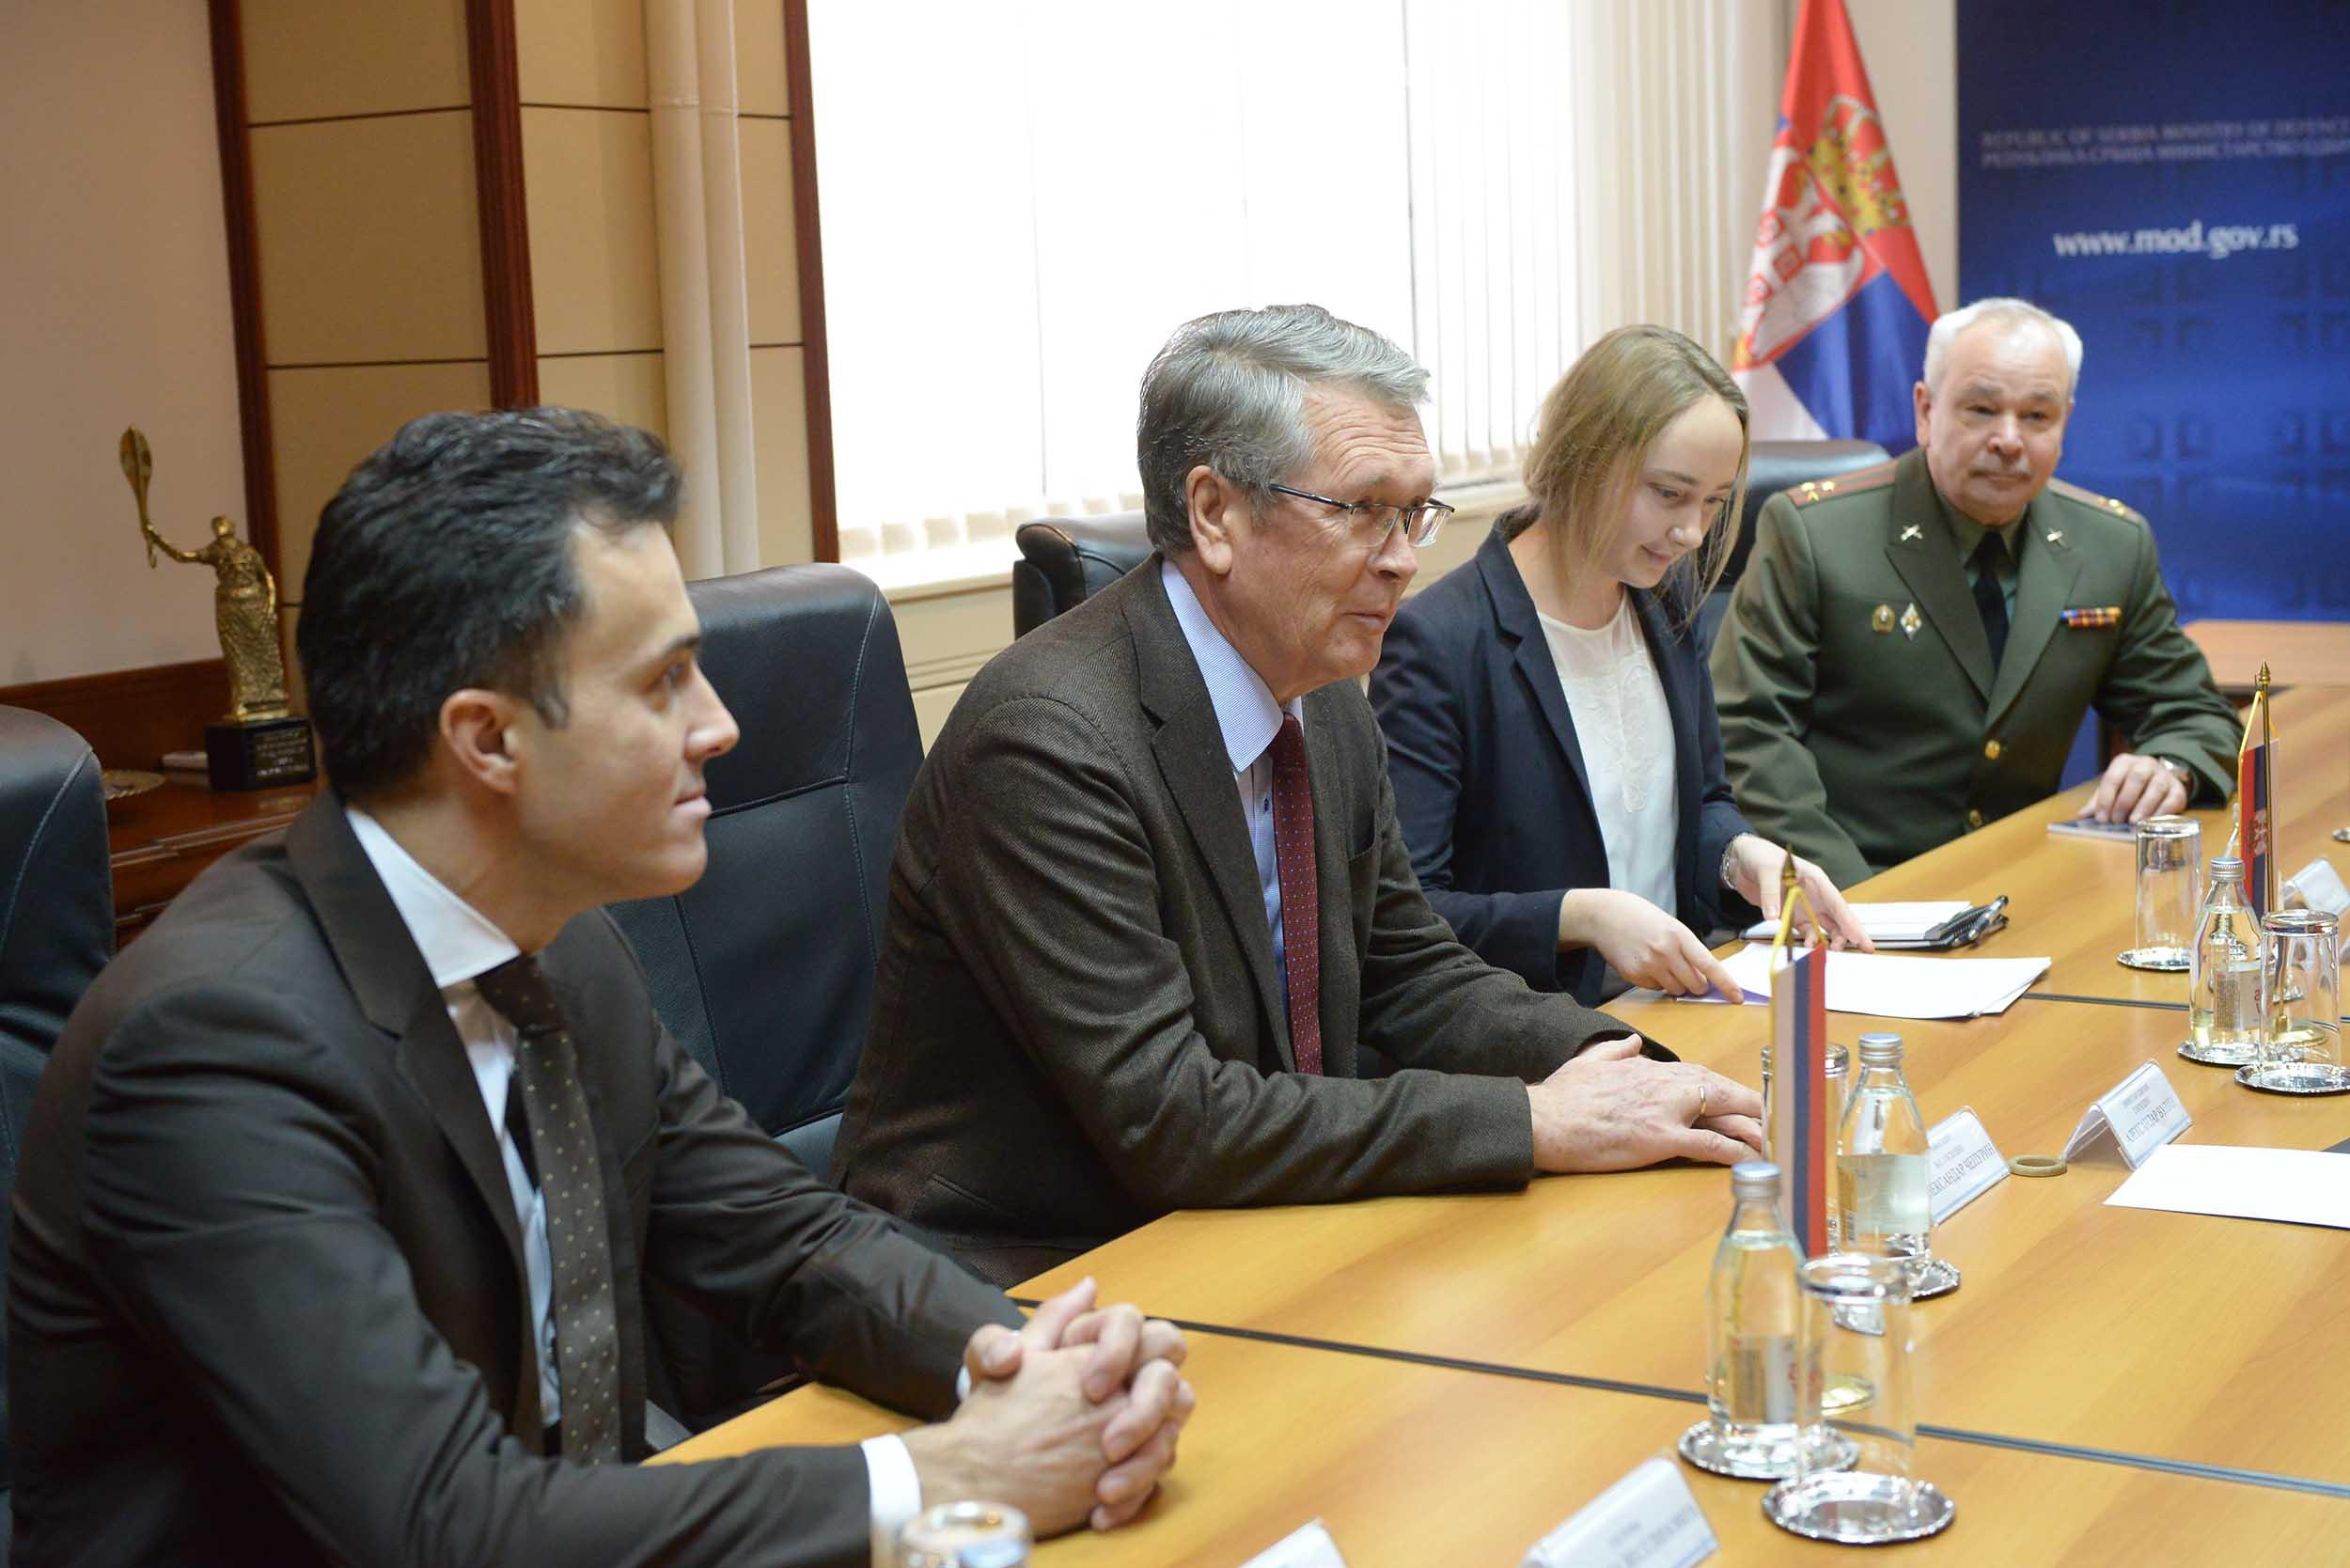 Чепурин: Русија пружа пуну подршку Србији у напорима у вези са ситуацијом на Косову и Метохији